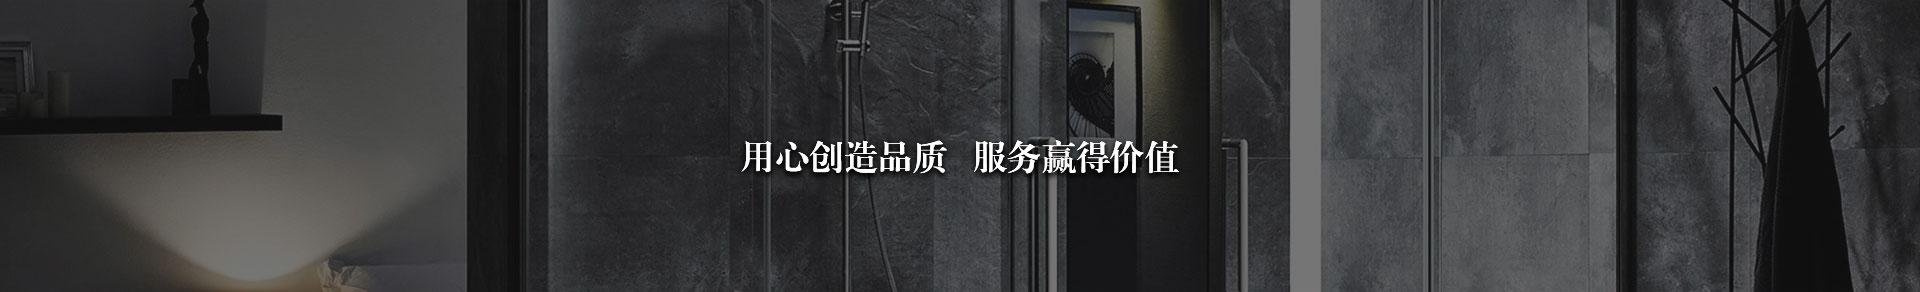 http://www.haodimenye.com/data/images/slide/20190524101324_998.jpg